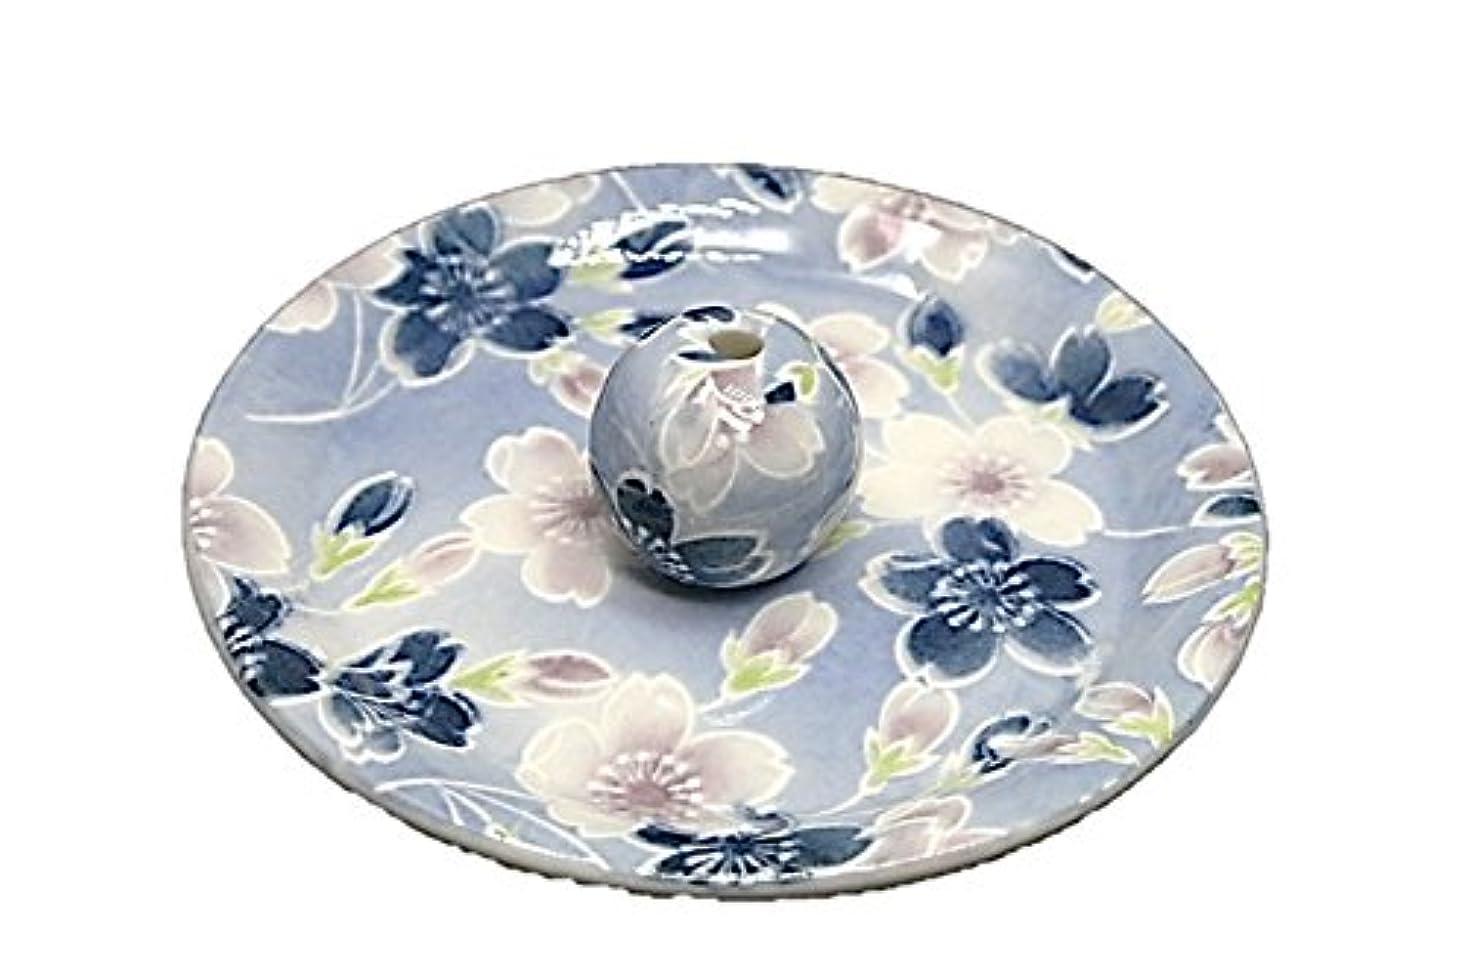 特別なグリーンバック自分の力ですべてをする9-7 青染桜 9cm香皿 お香立て お香たて 陶器 日本製 製造?直売品